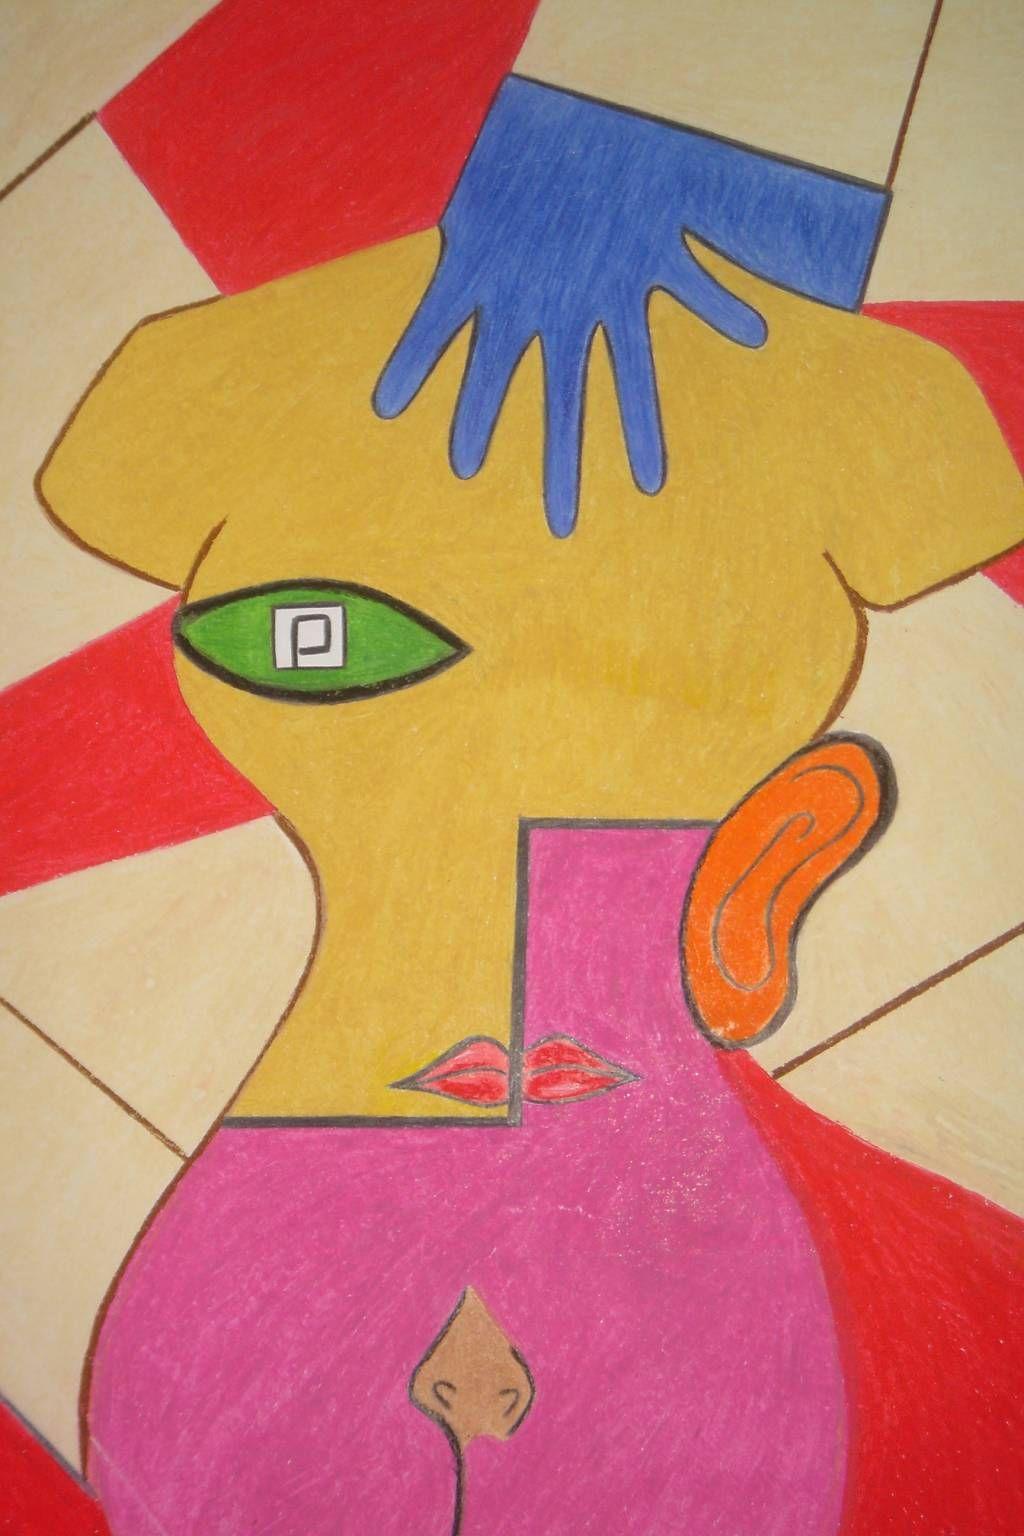 cuadros famosos los 5 sentidos - Bing Imágenes | el cuerpo ...